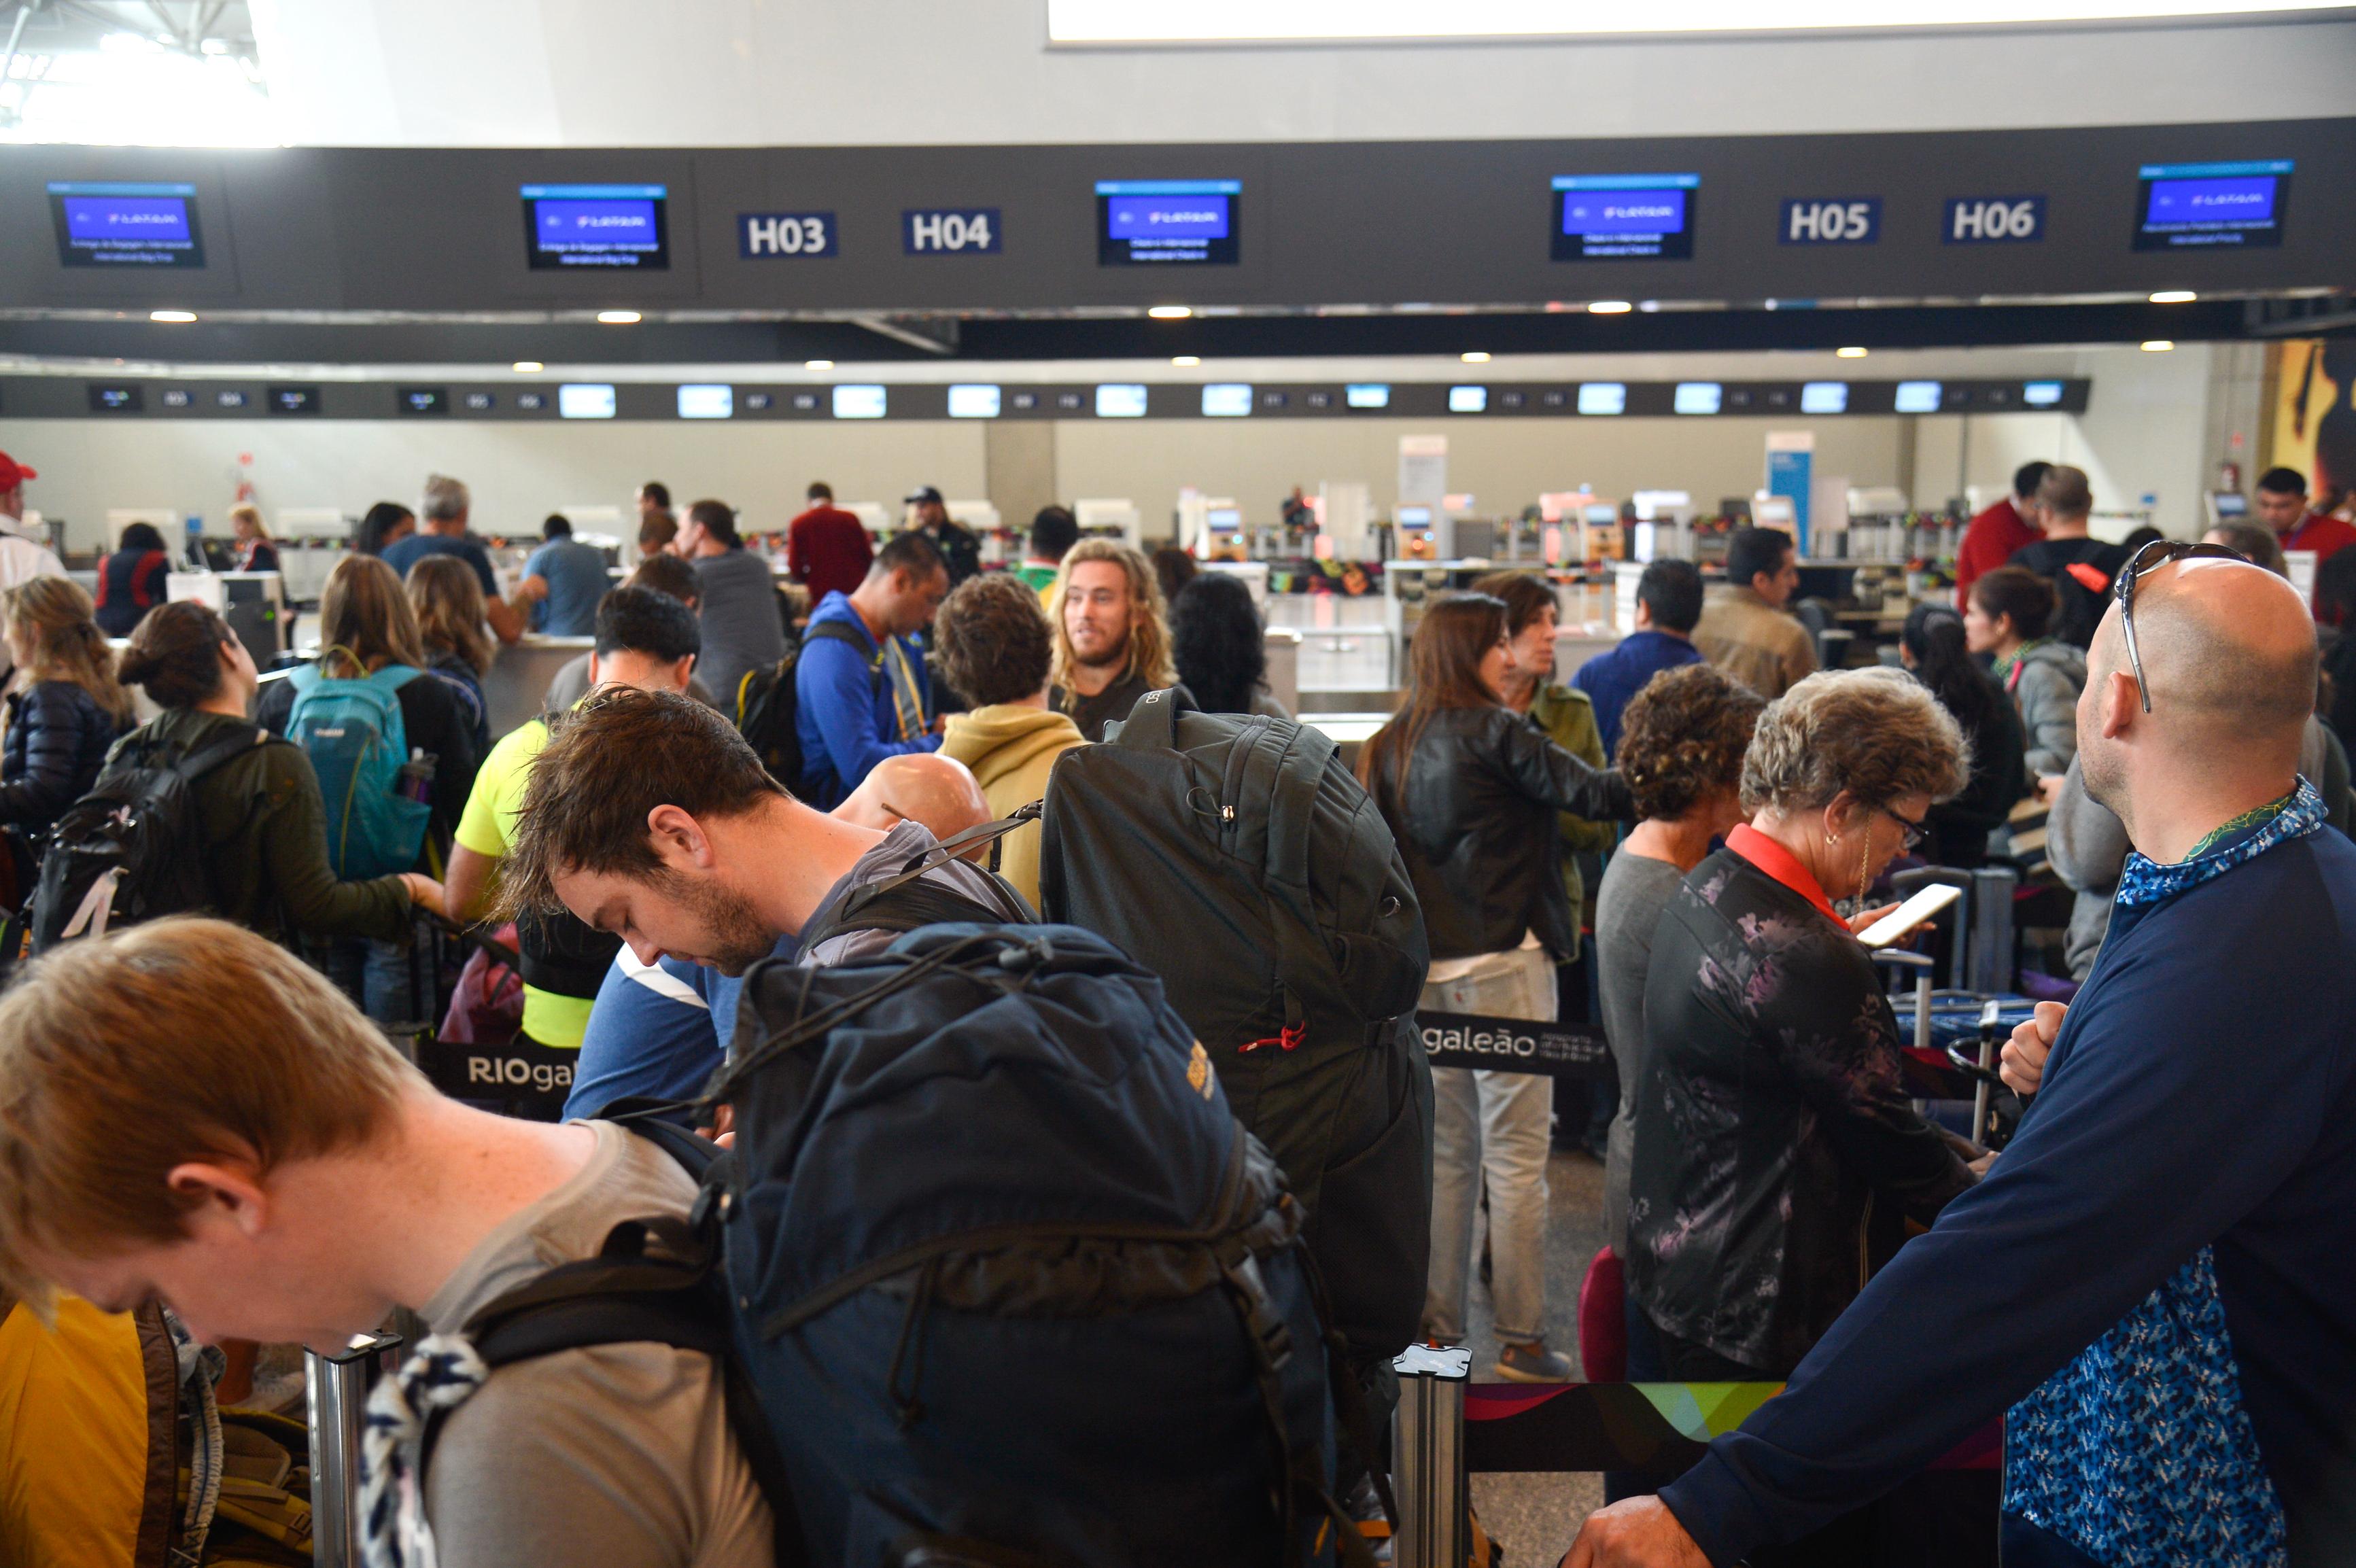 ec084addb5 Rio de Janeiro - O Aeroporto Internacional Tom Jobim/RioGaleão deverá  registrar o maior movimento